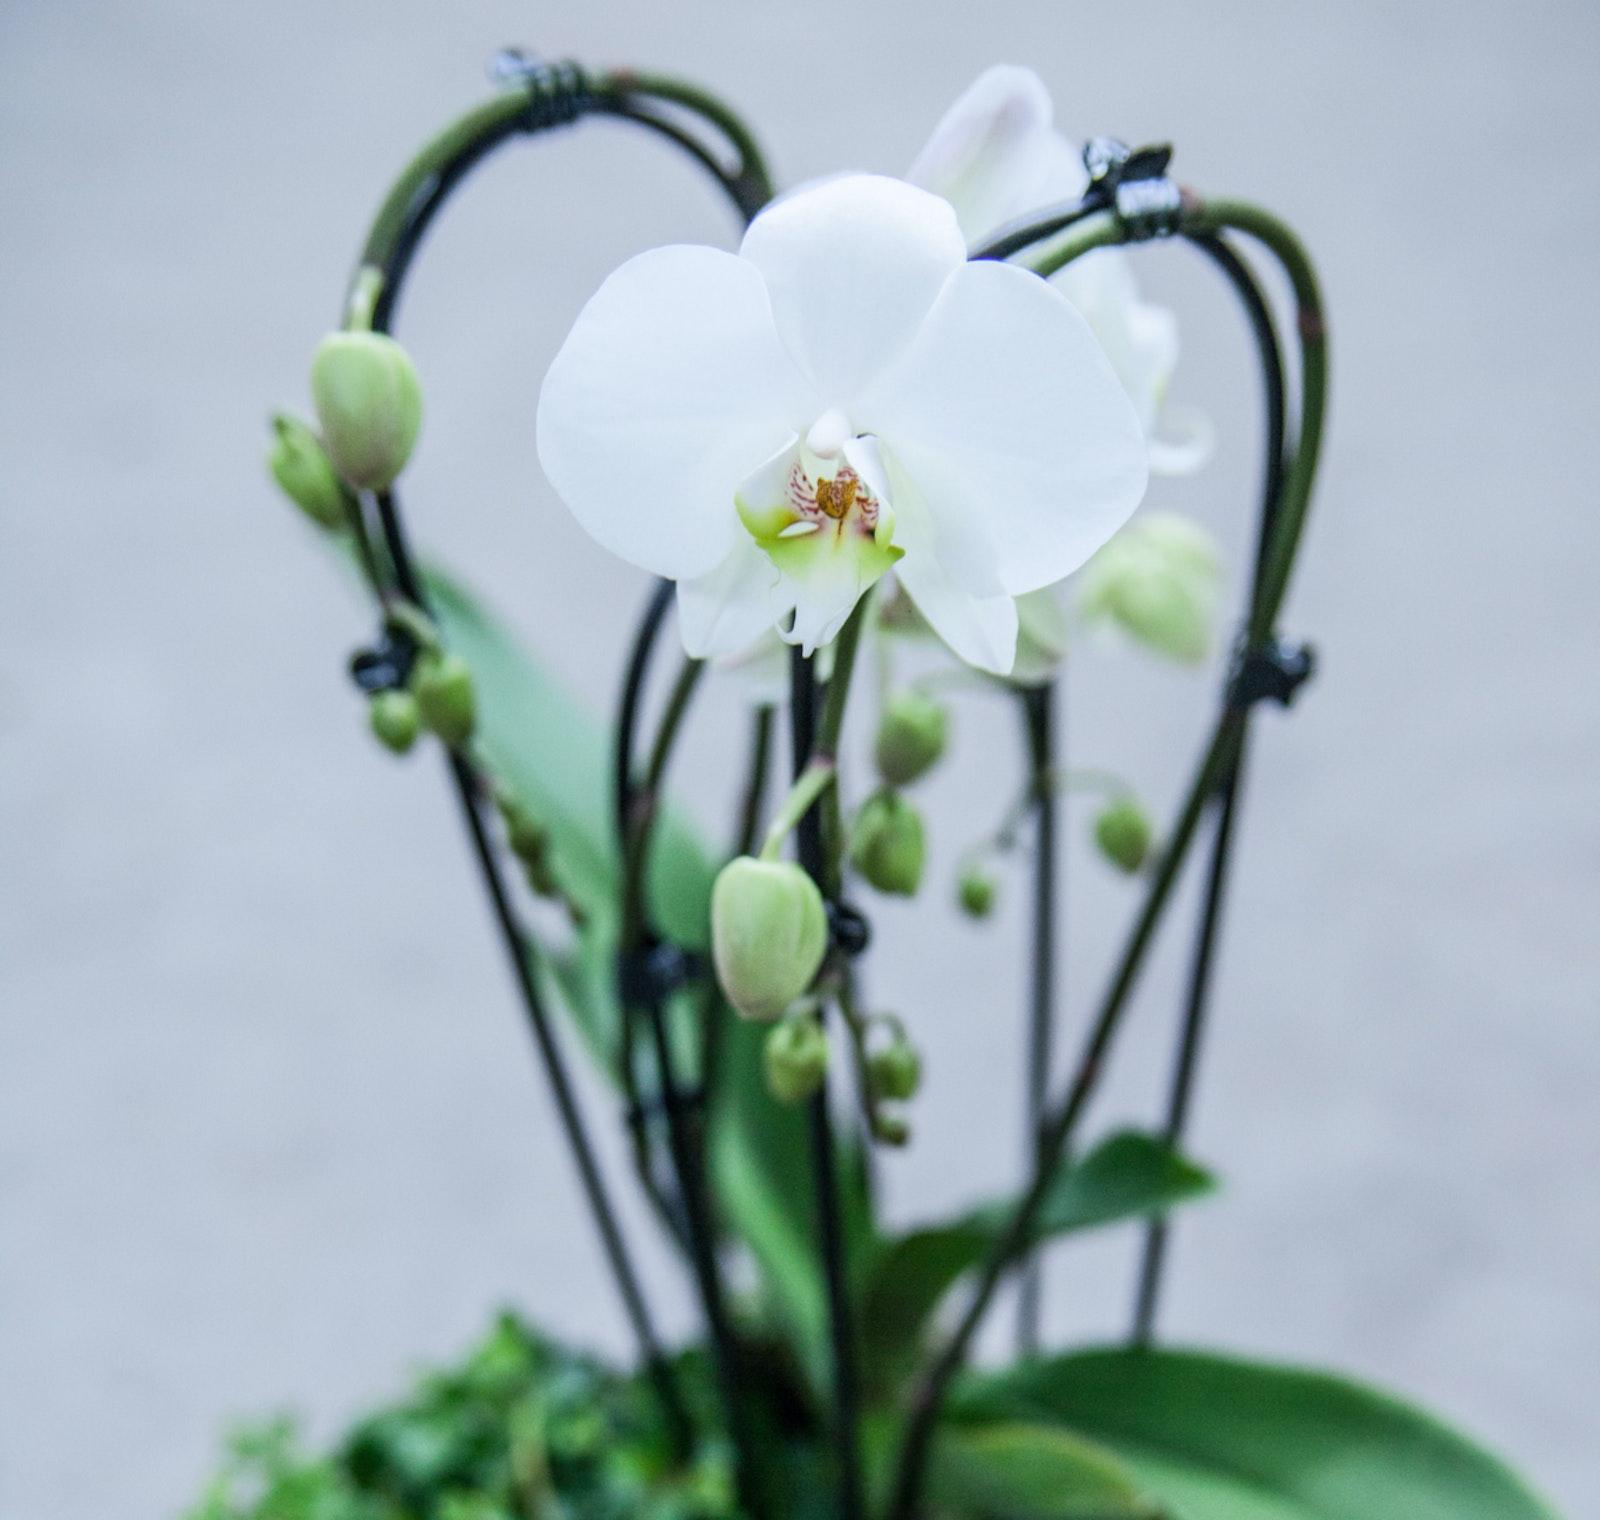 Plantenarrangementen 9